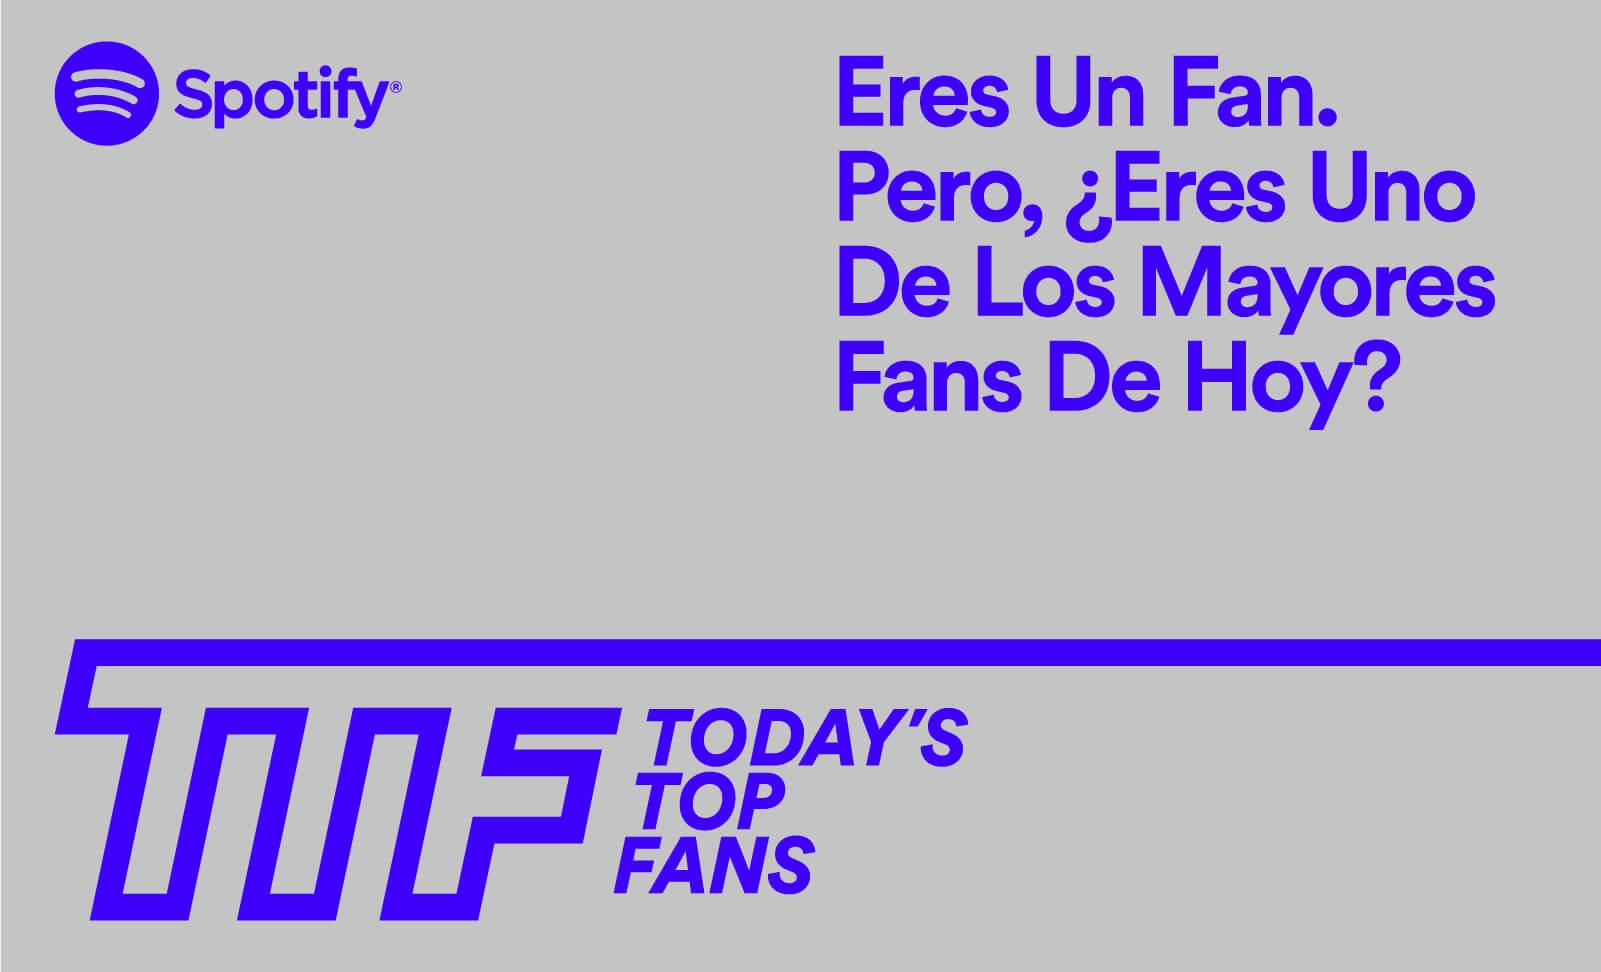 Today Top Fans de Spotify